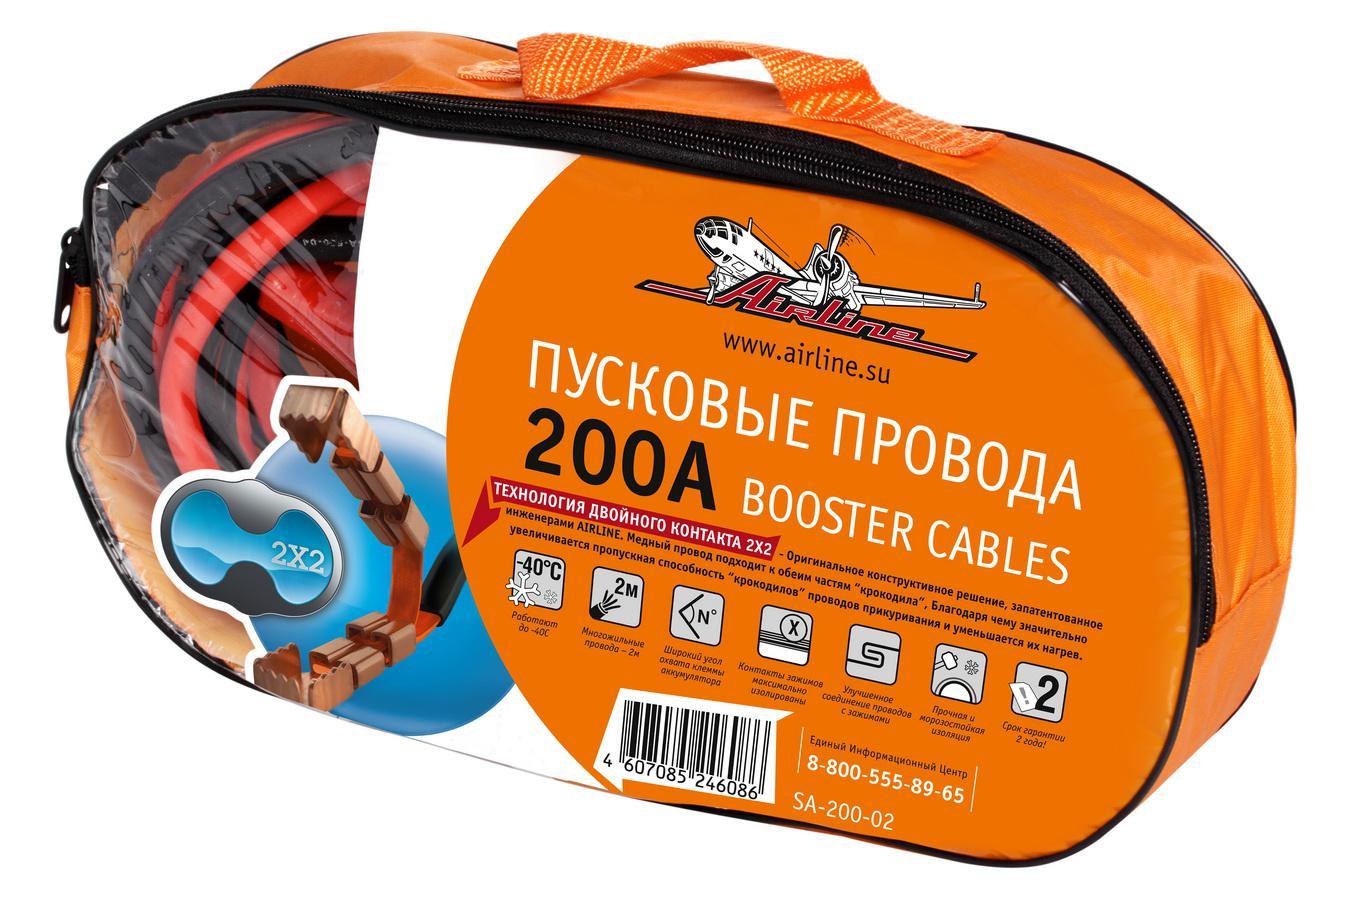 Провода для прикуривания Airline Sa-200-02 провода вспомогательного запуска airline ao bs 02